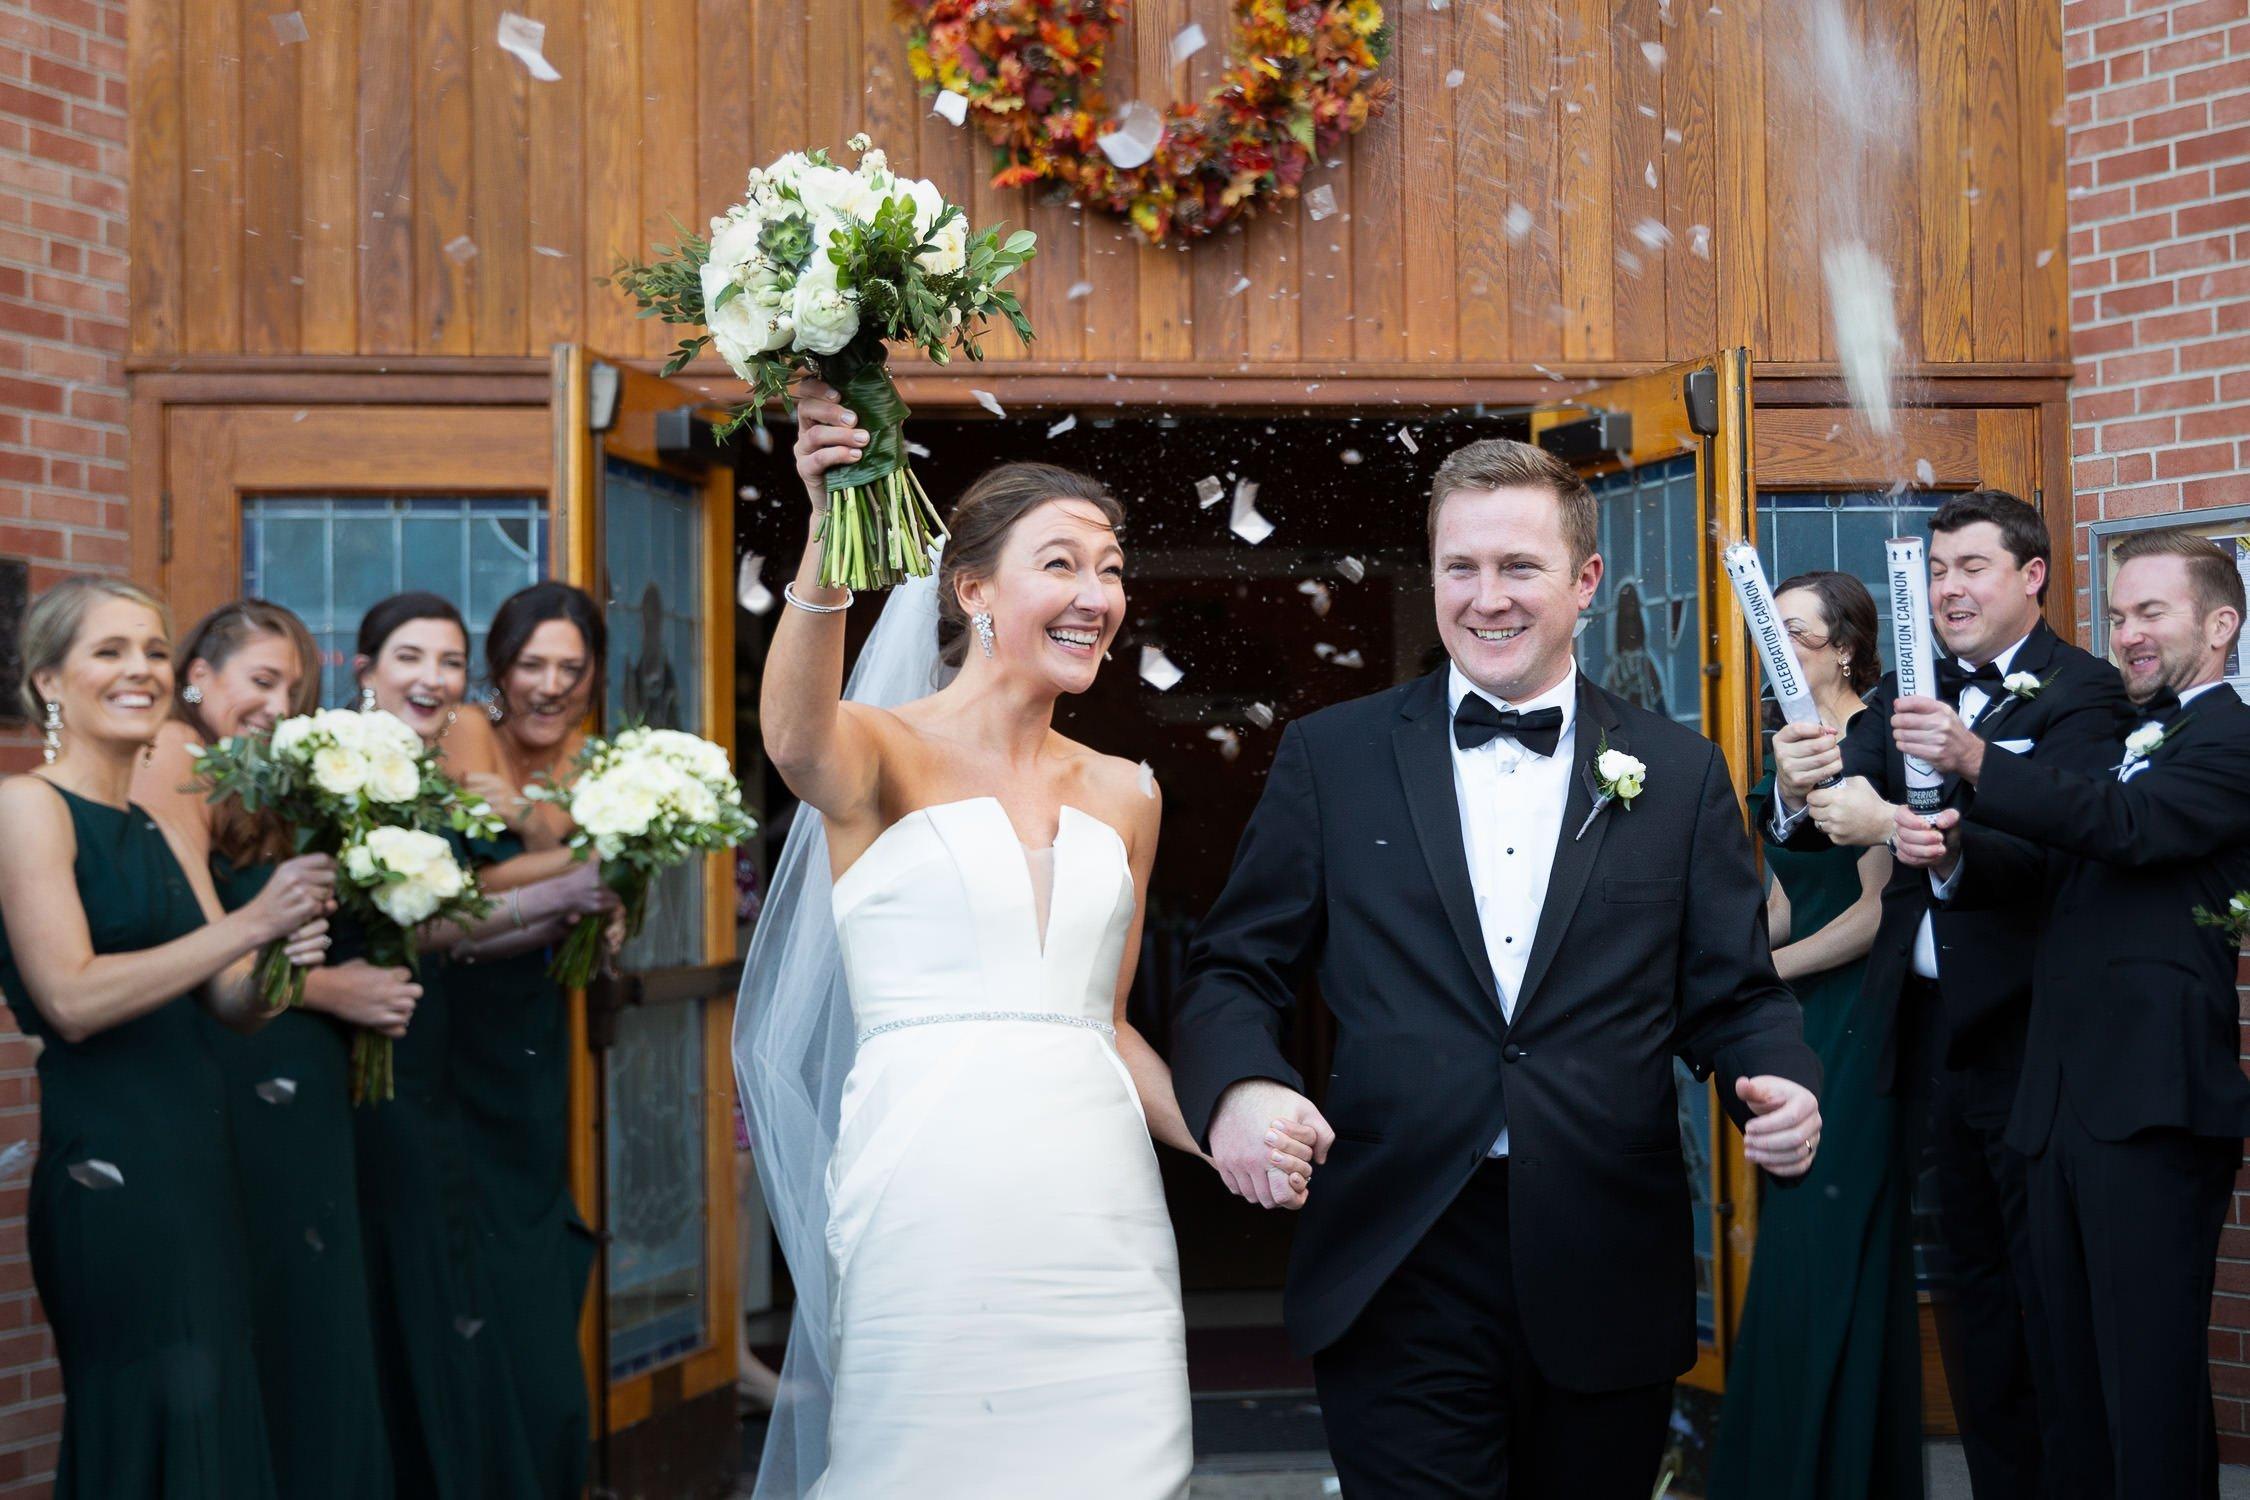 Bride and groom exit church wedding through confetti